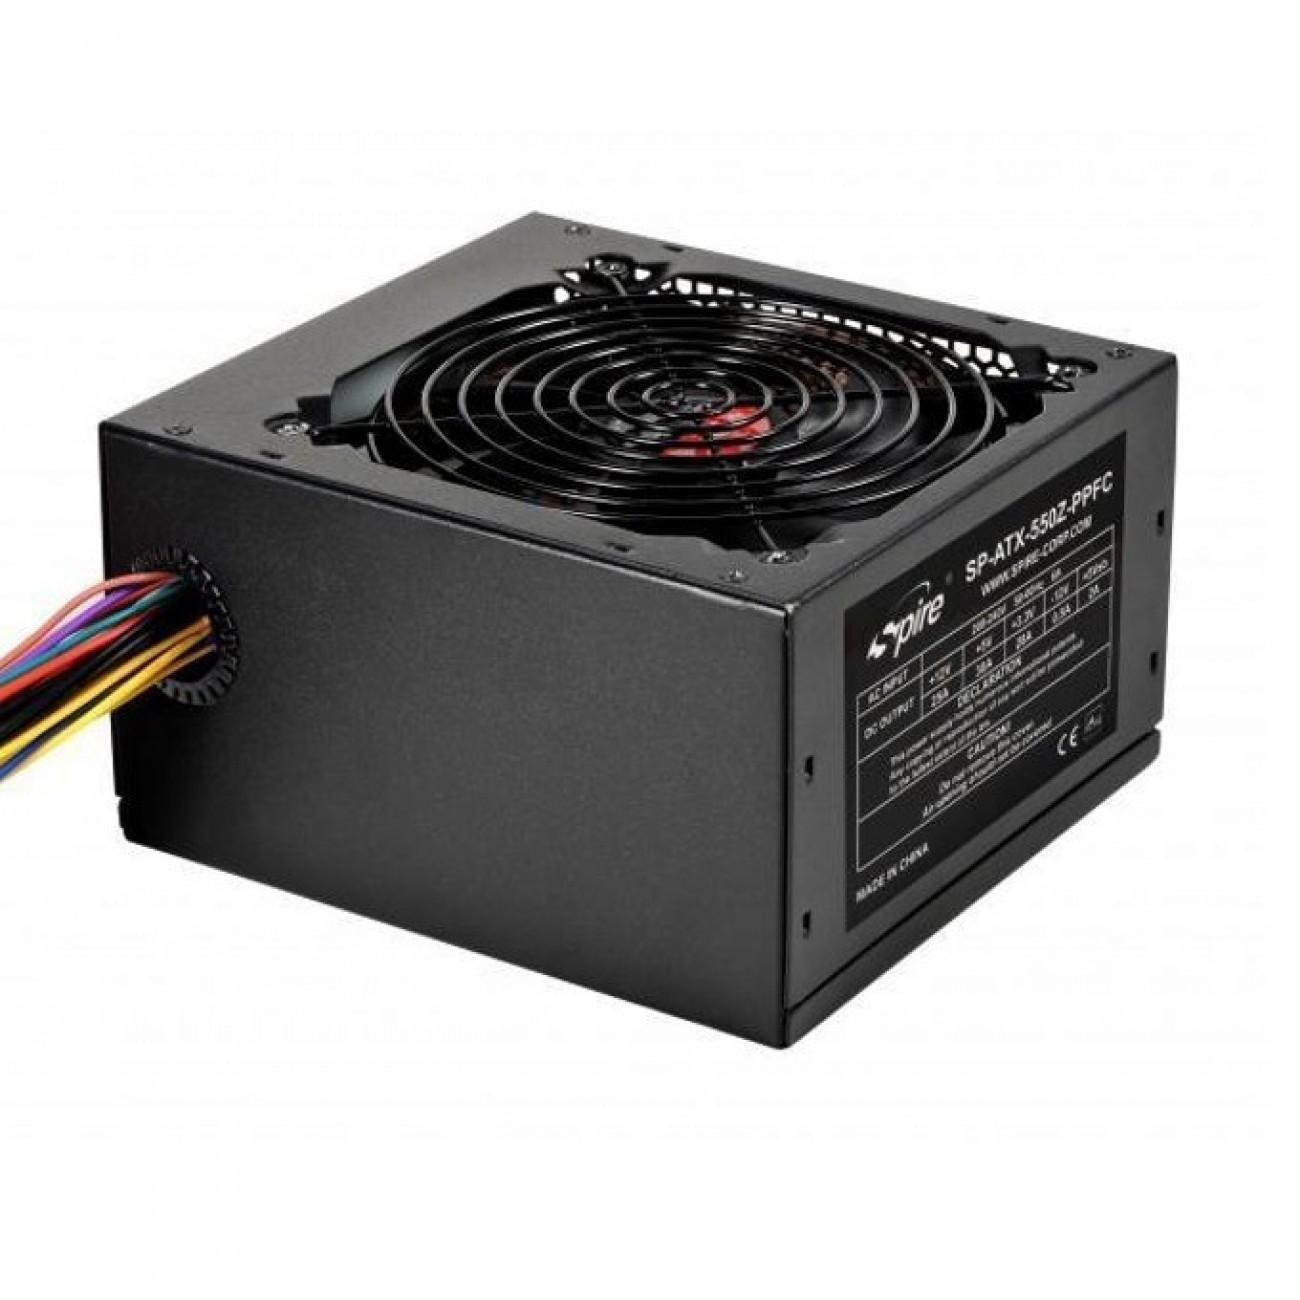 Захранване Spire Pearl 550W 550Z-PPFC-L, 80+, Active PFC, 120мм вентилатор, черно в Захранвания Настолни компютри -    Alleop